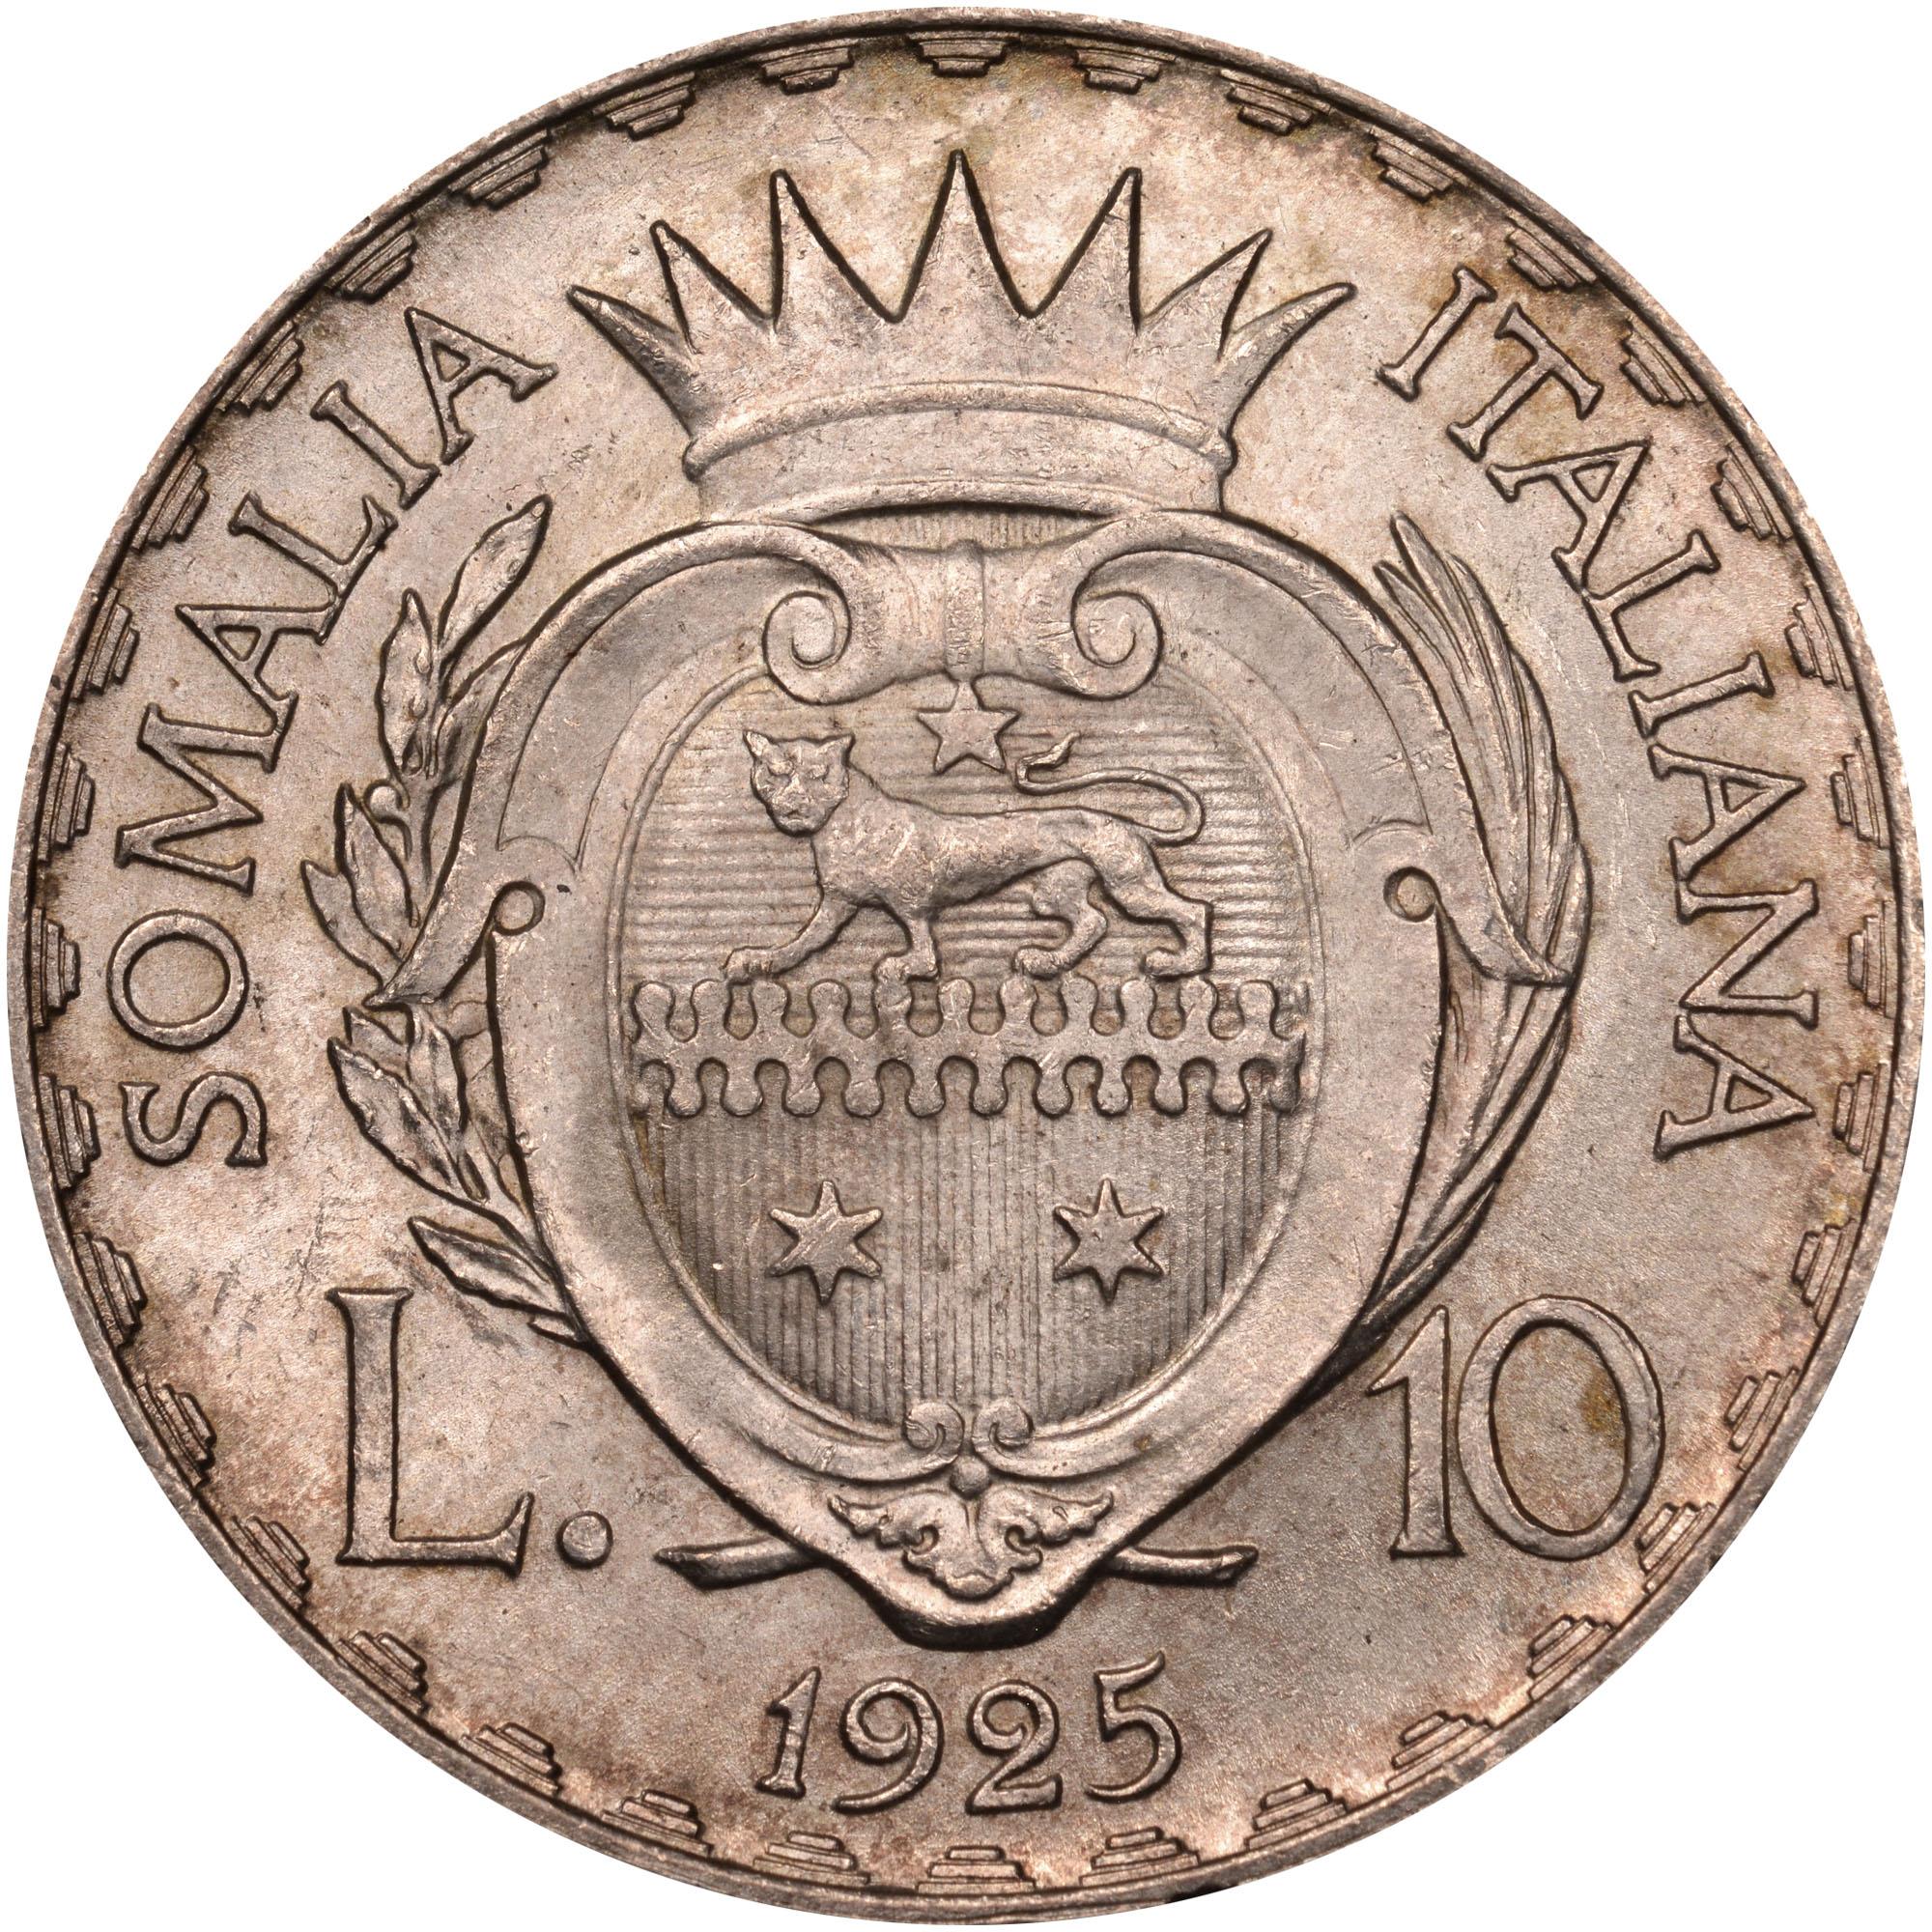 Italian Somaliland 5 Lire reverse